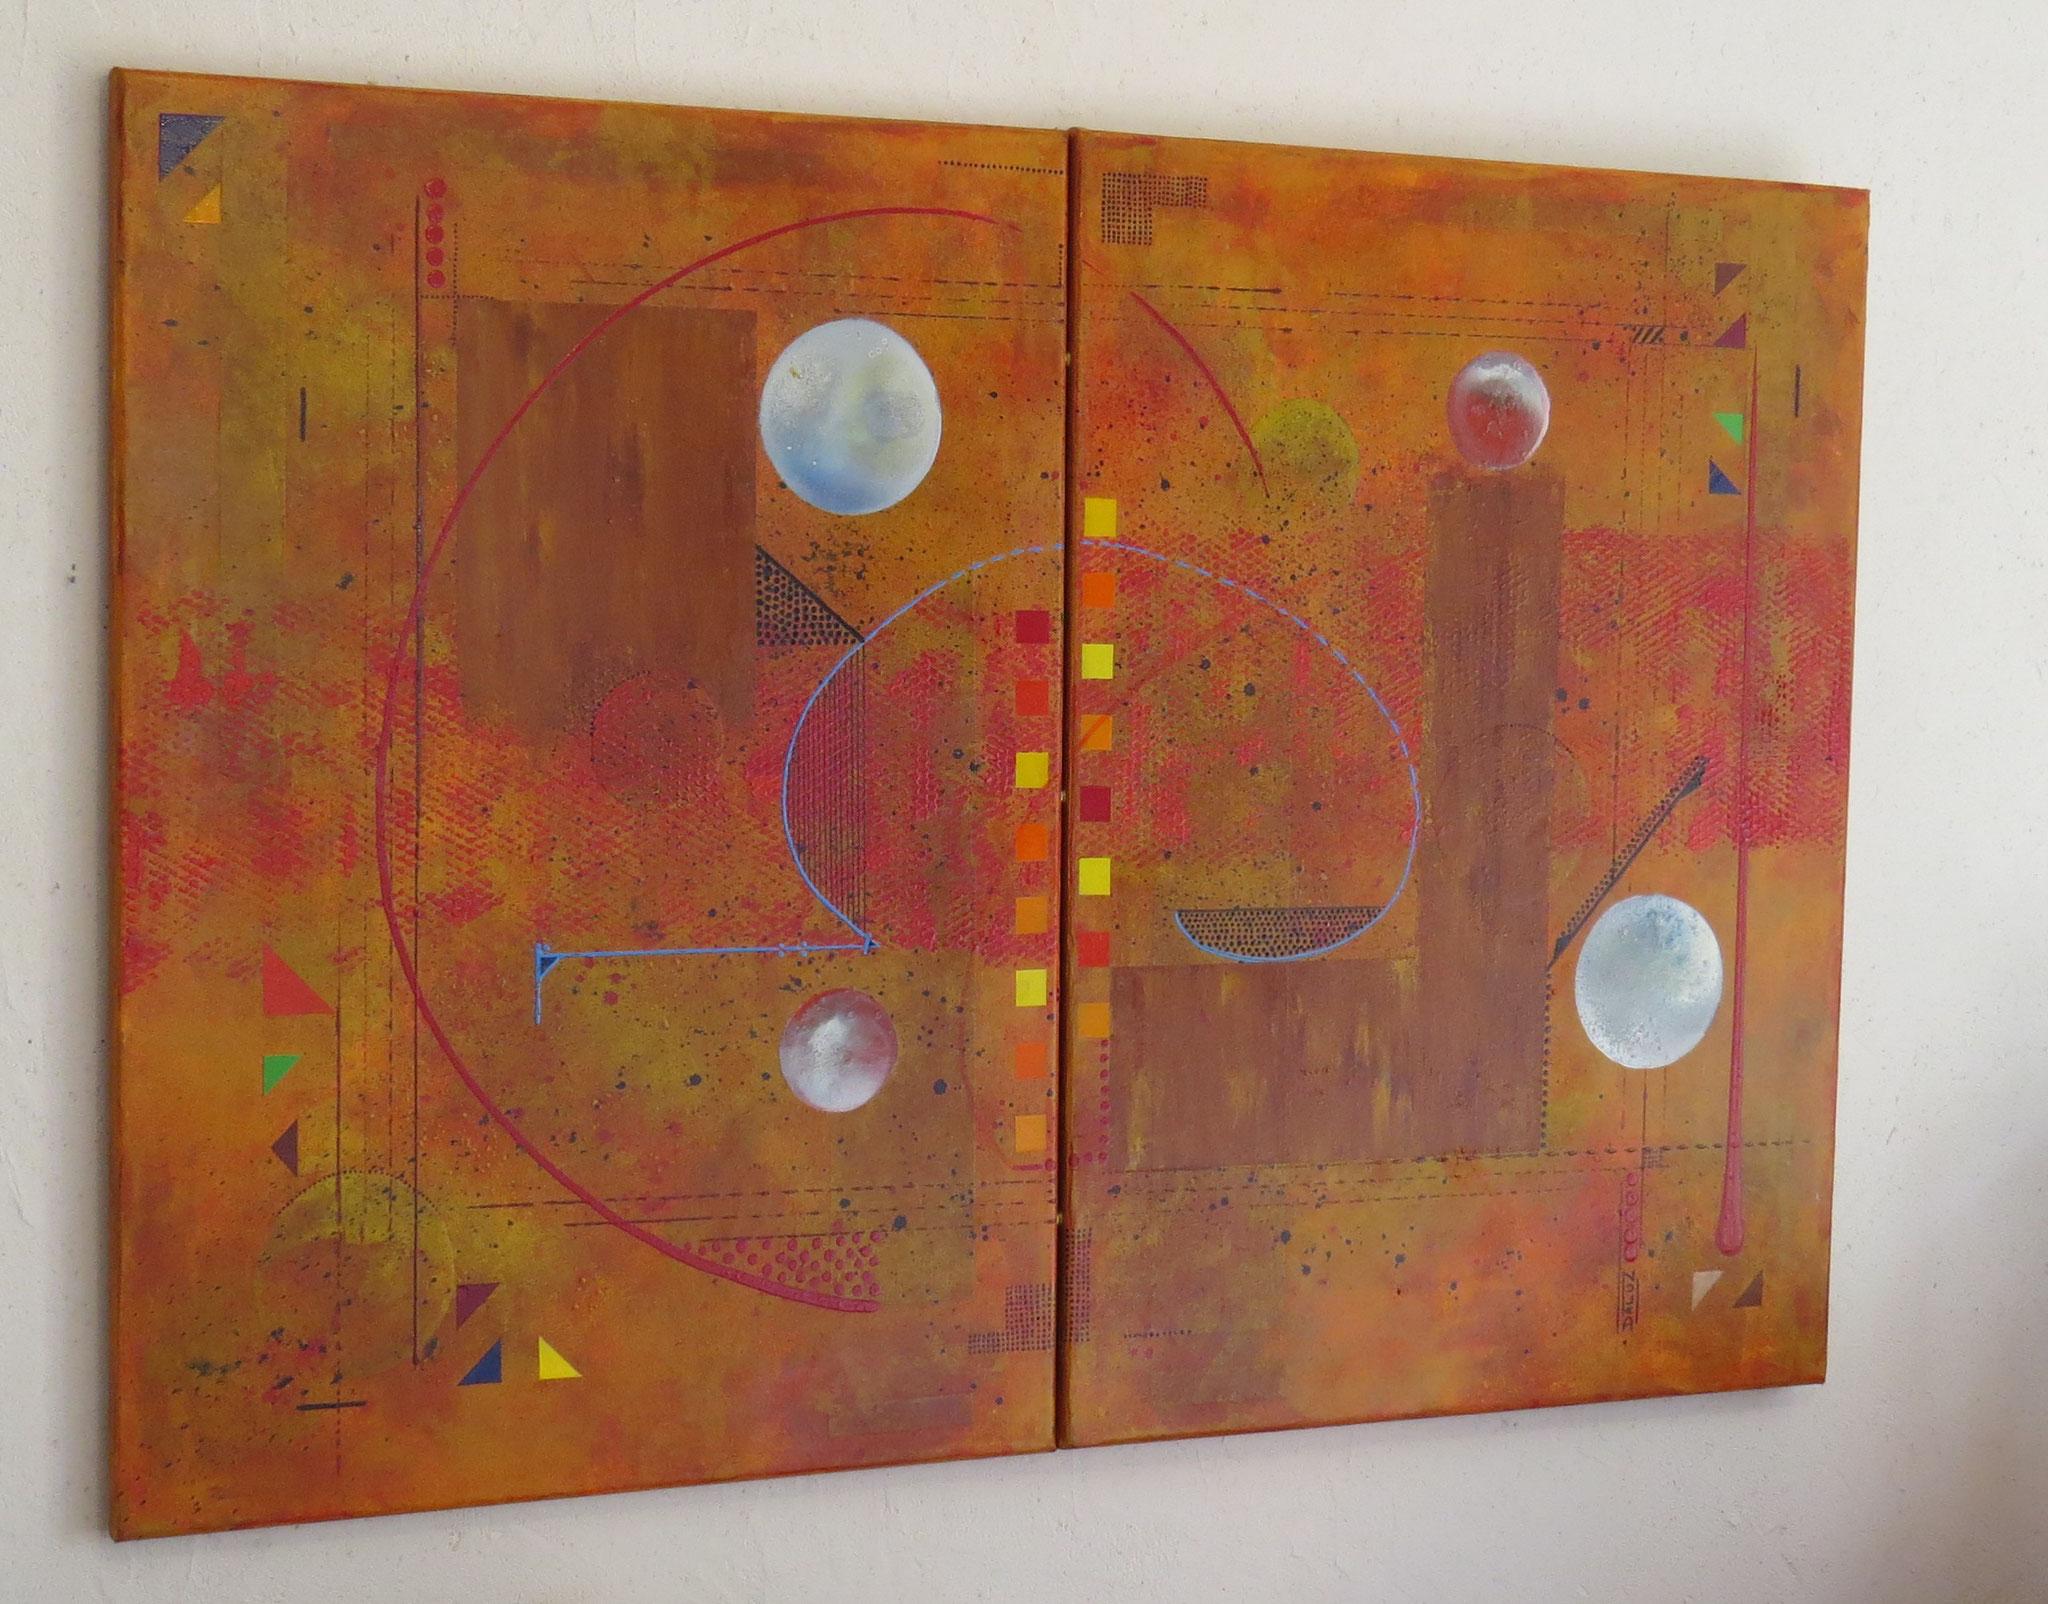 thêta - vue côté1 - DALUZ GALEGO - peinture abstraite